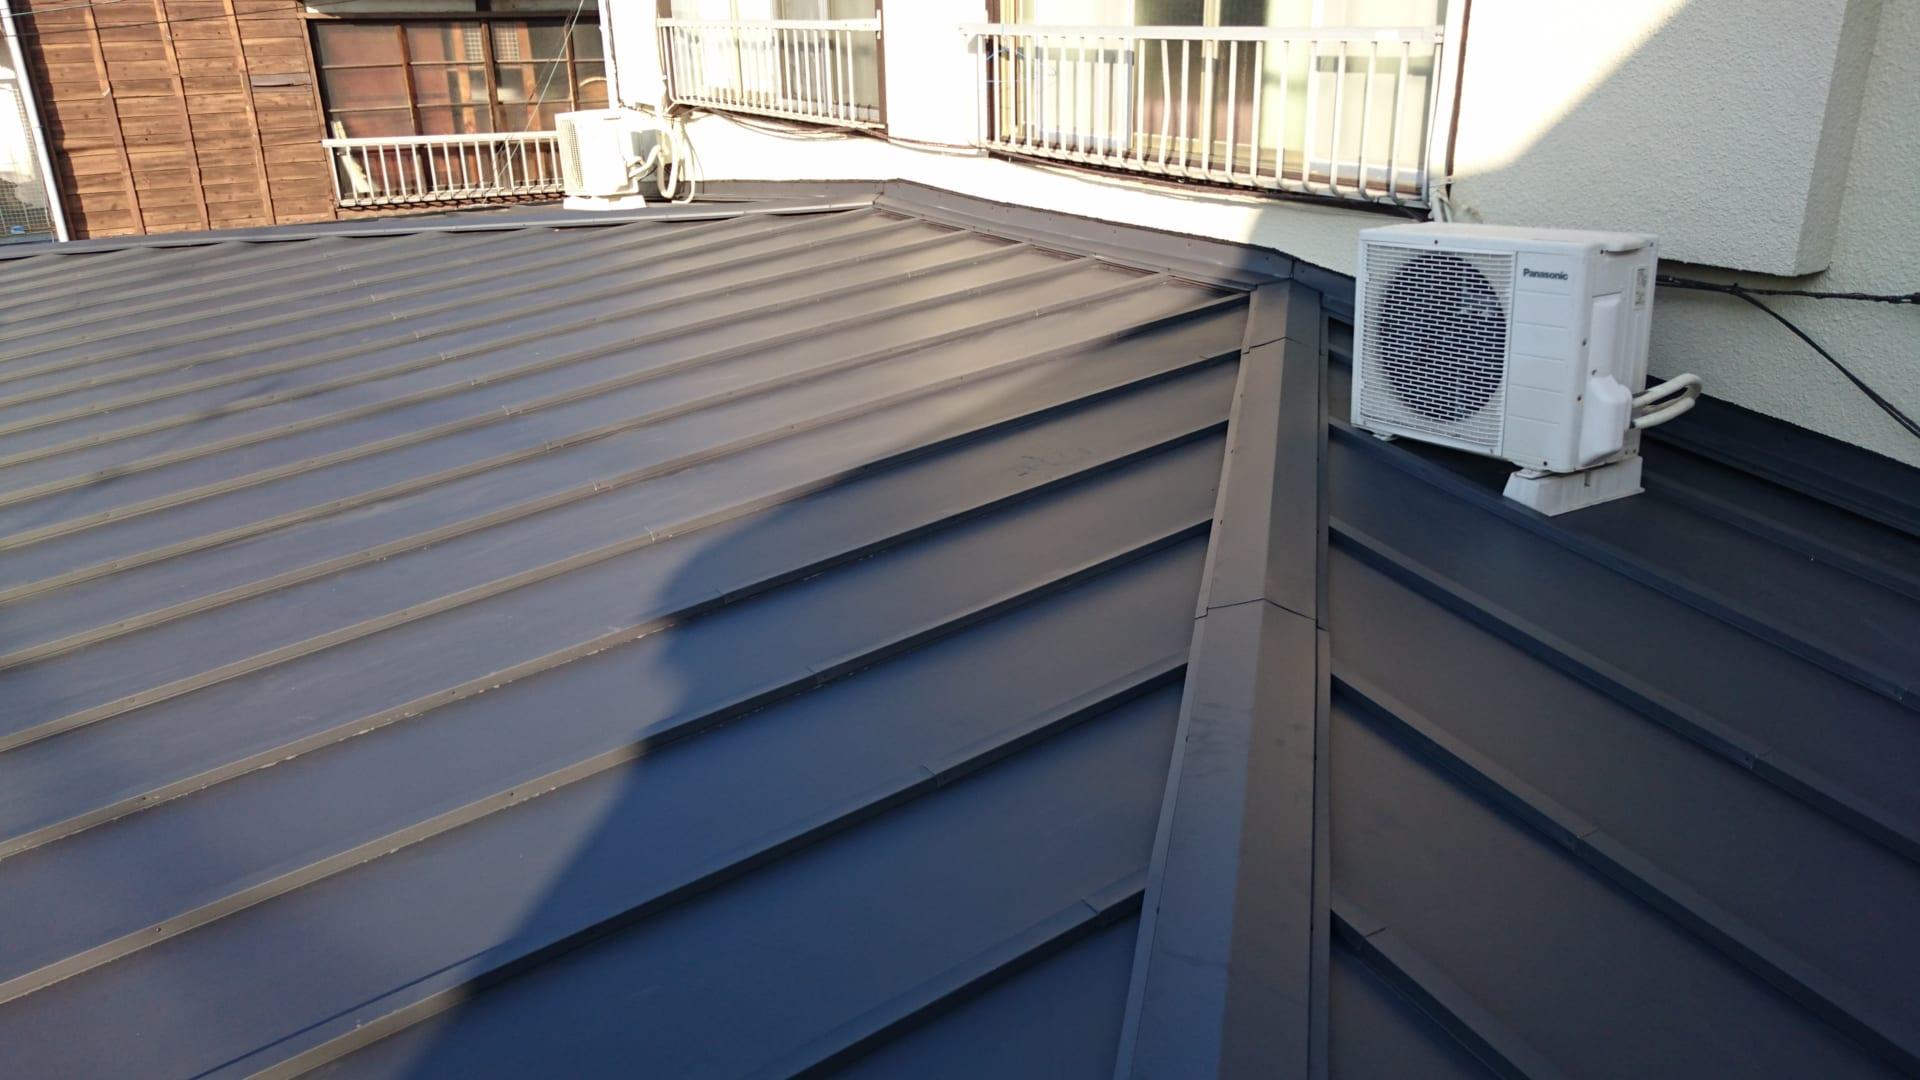 12.東京都八王子市の雨漏り屋根の葺き替え工事 完成